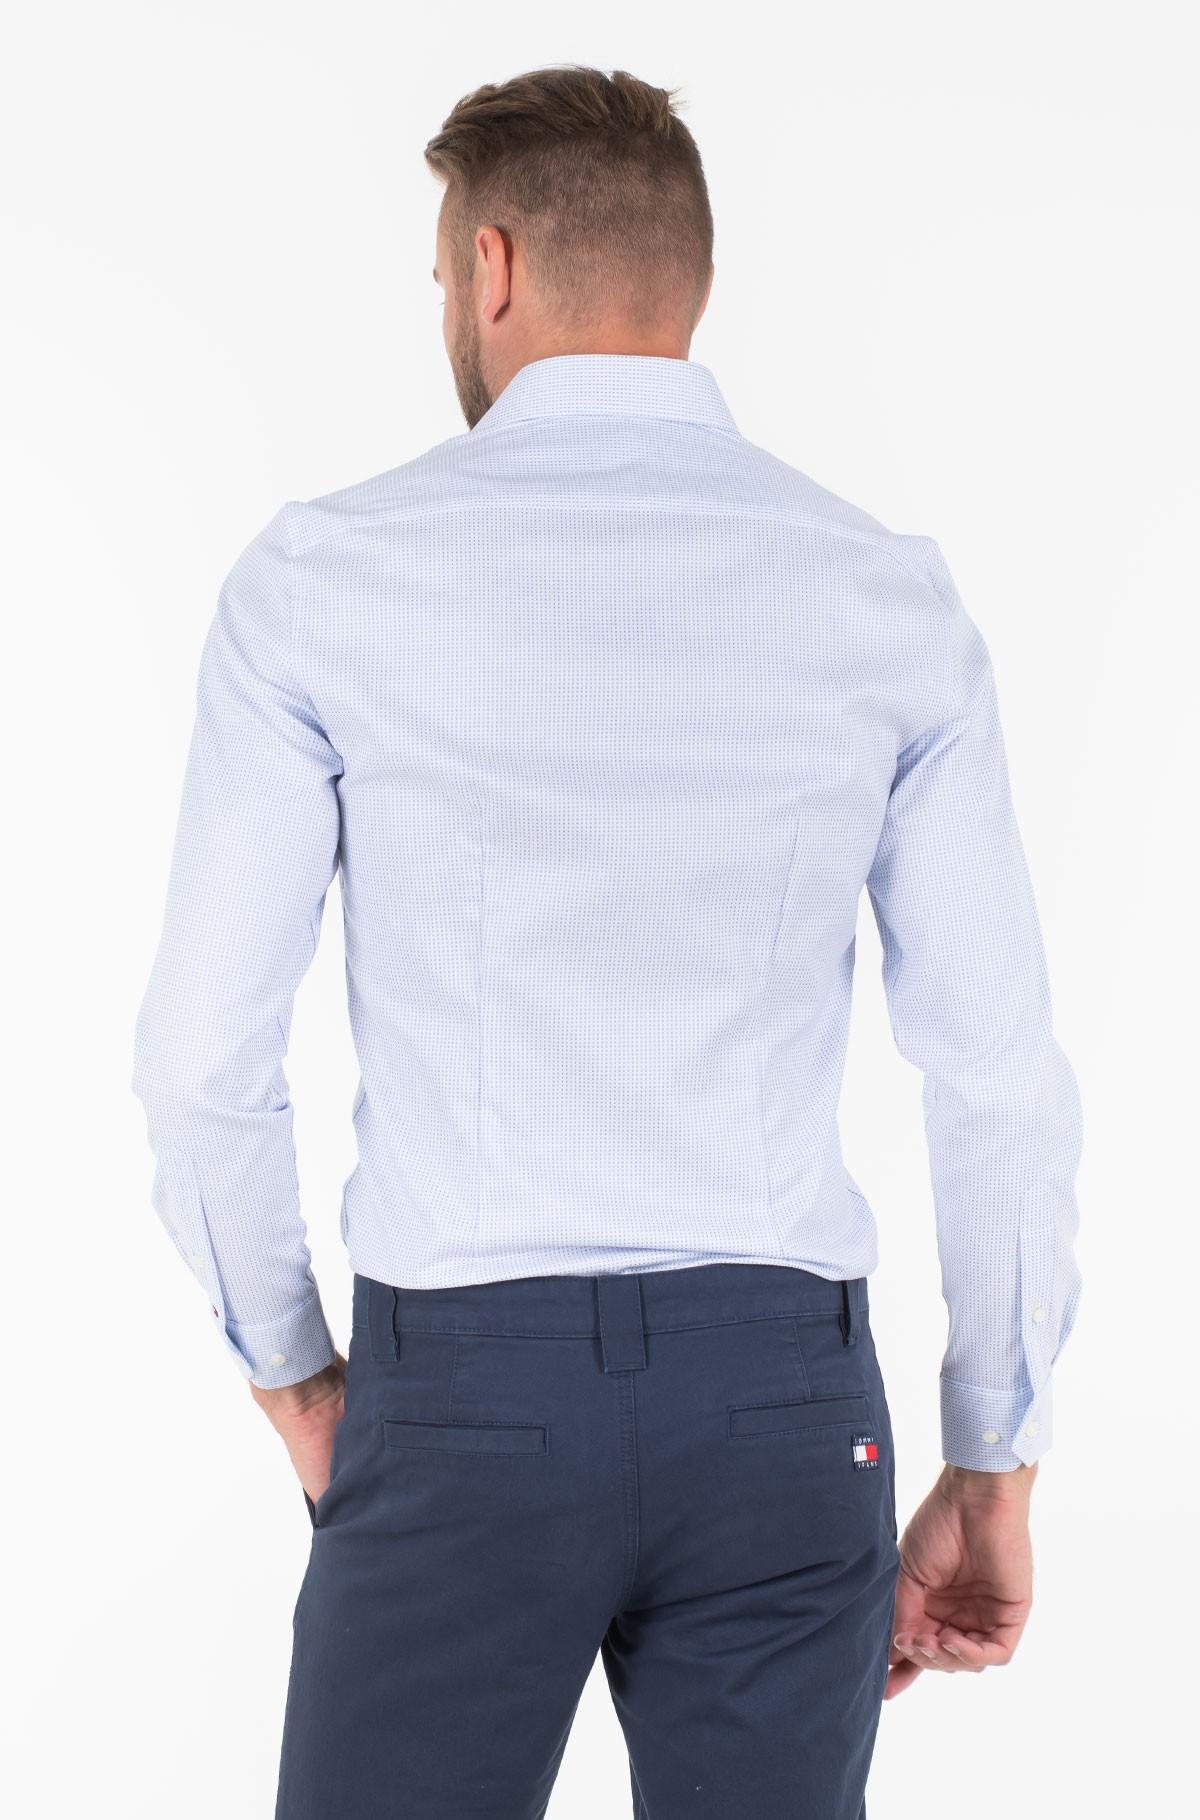 Marškiniai FLEX COLLAR CLASSIC SLIM SHIRT-full-2